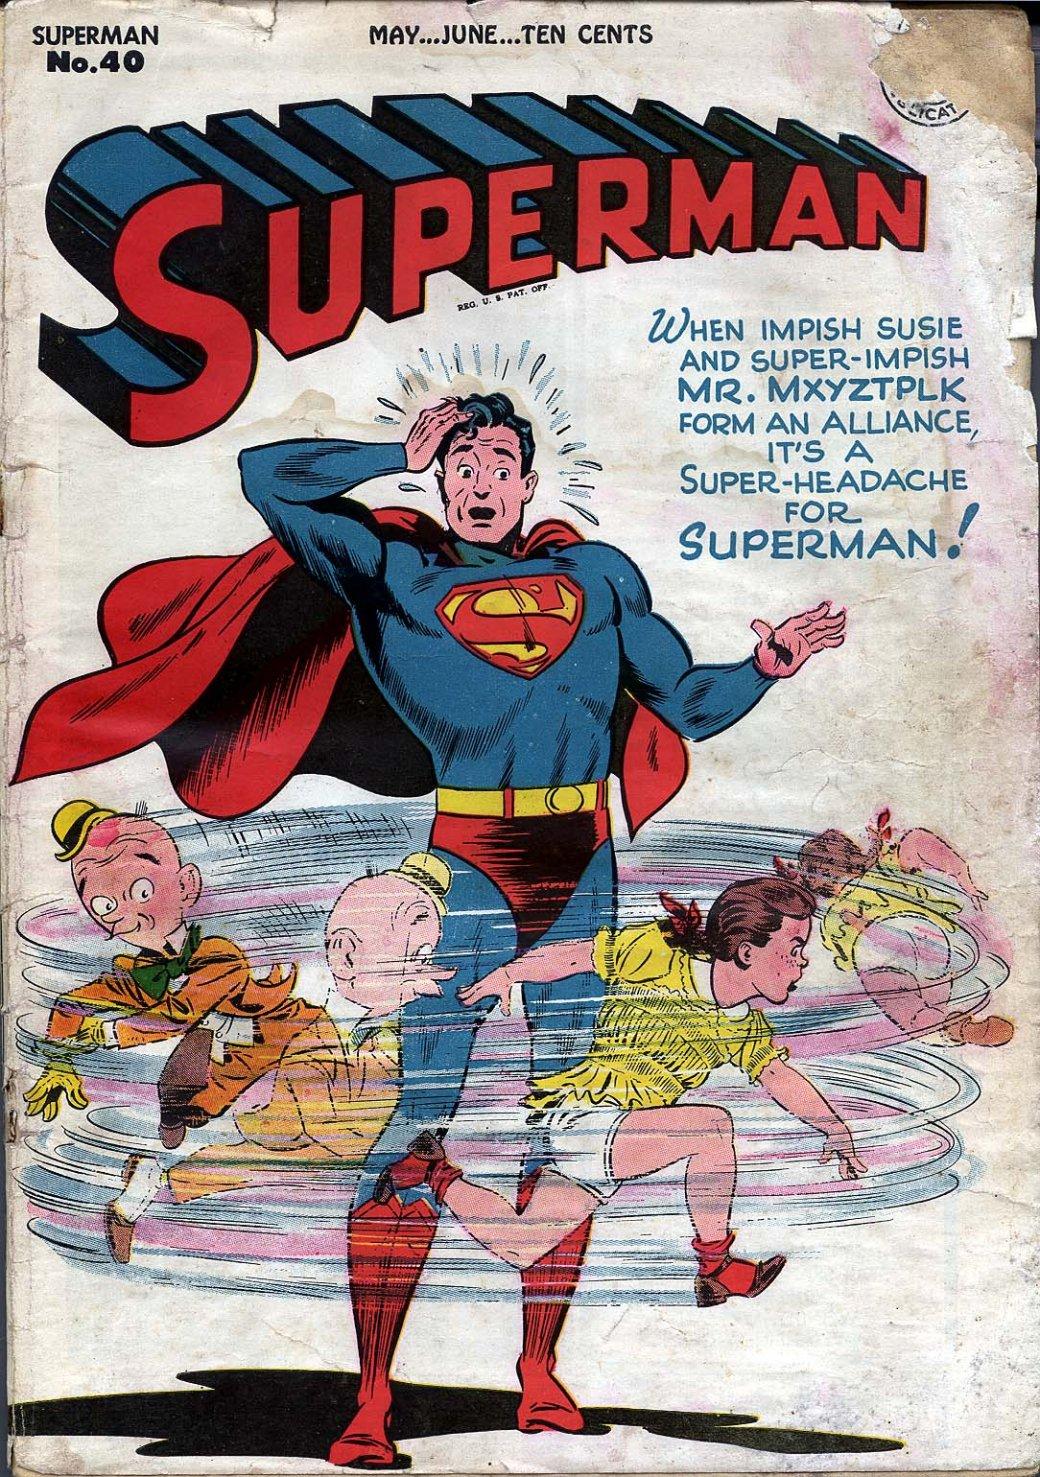 История Супермена иэволюция его образа вкомиксах   Канобу - Изображение 9392